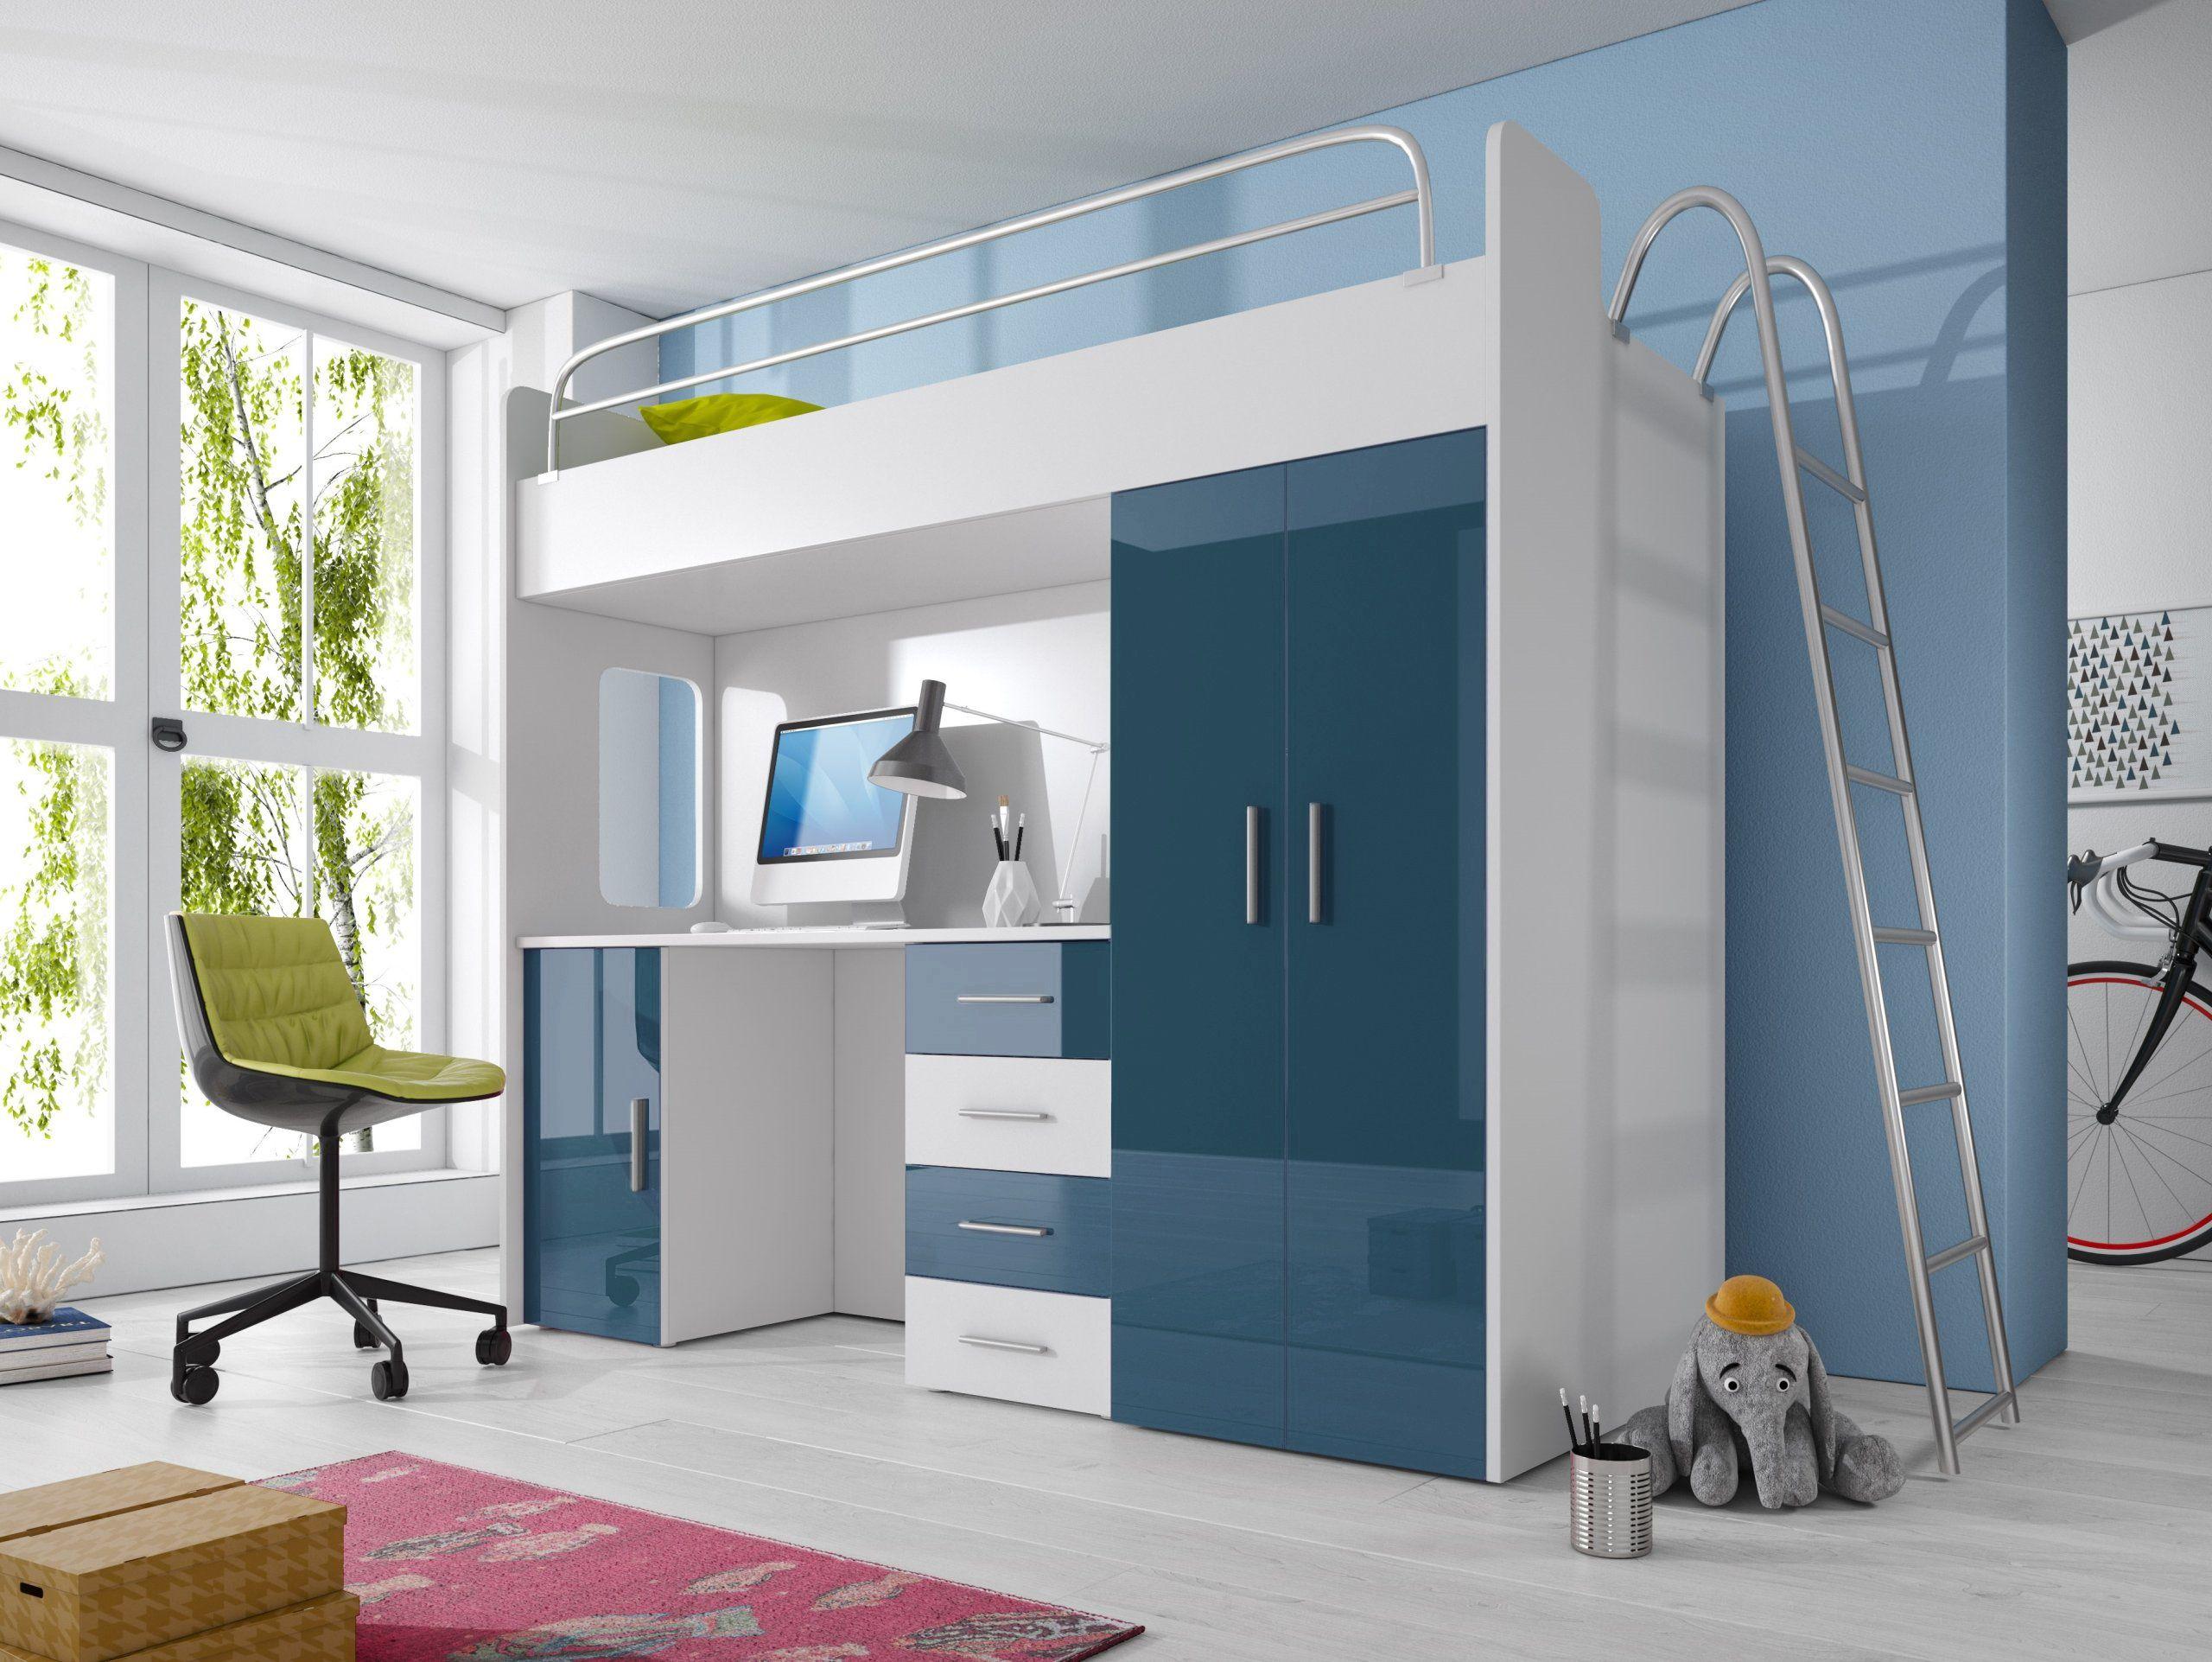 Kinderhochbett Smart Kinder Hochbett Mit Schreibtisch Und